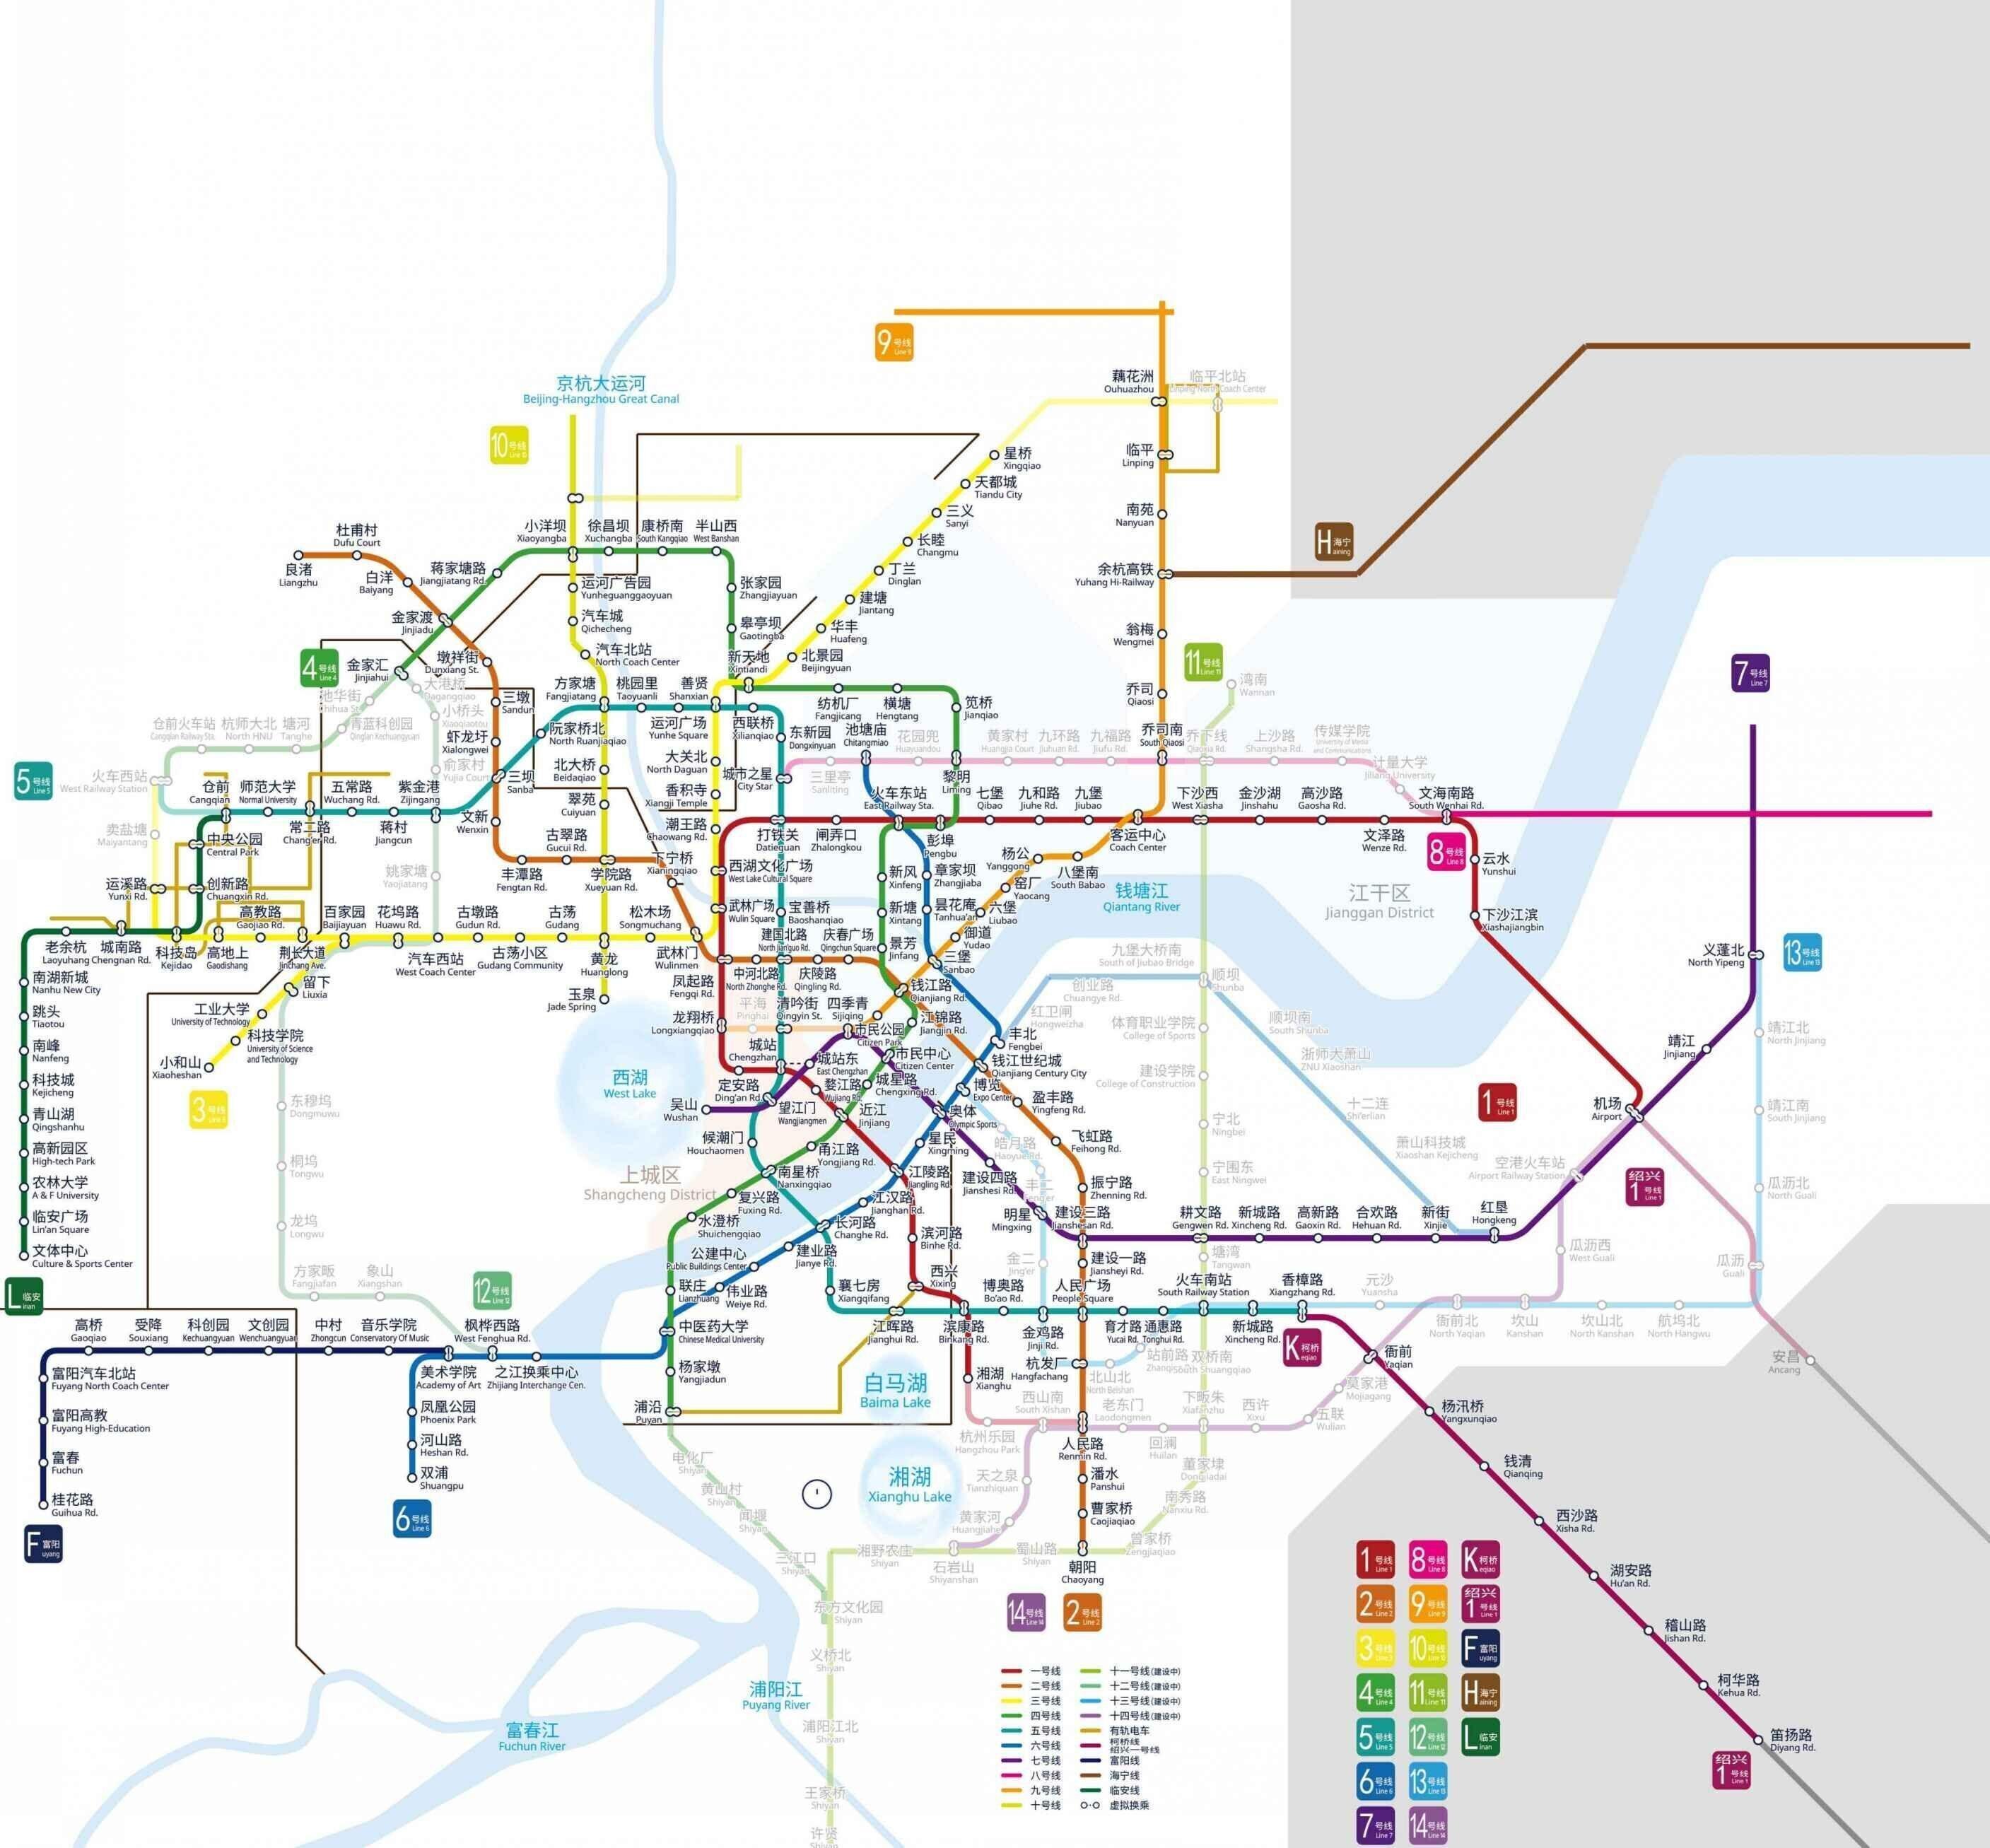 杭州地铁规划图曝光 解析地铁沿线未开业商业项目